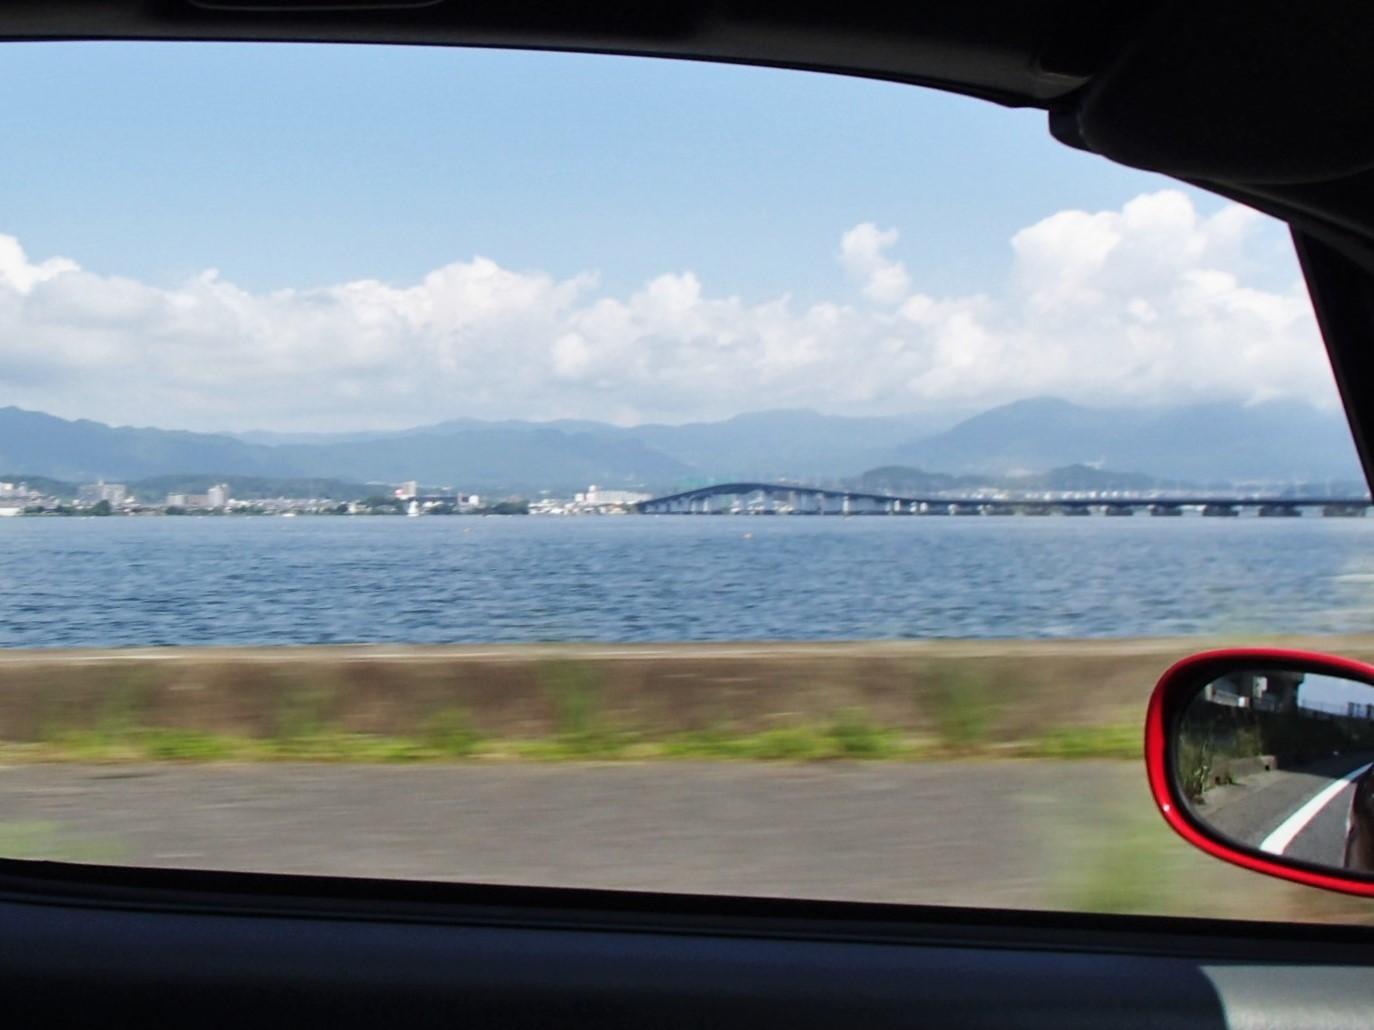 びわ湖とドローンと「おはびわ」と 前編_e0044657_08473309.jpg